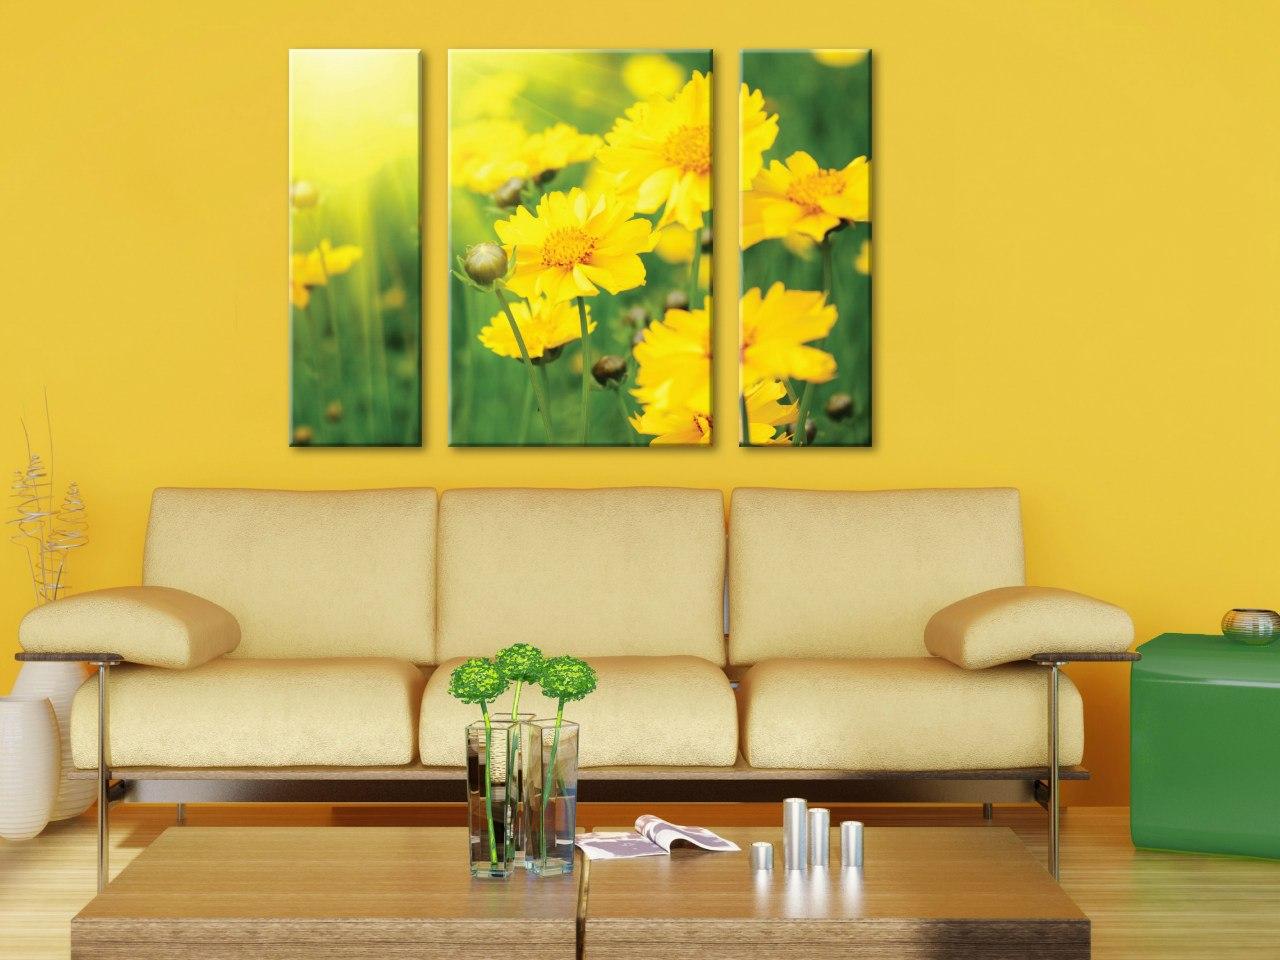 Постеры на стену фото цветов